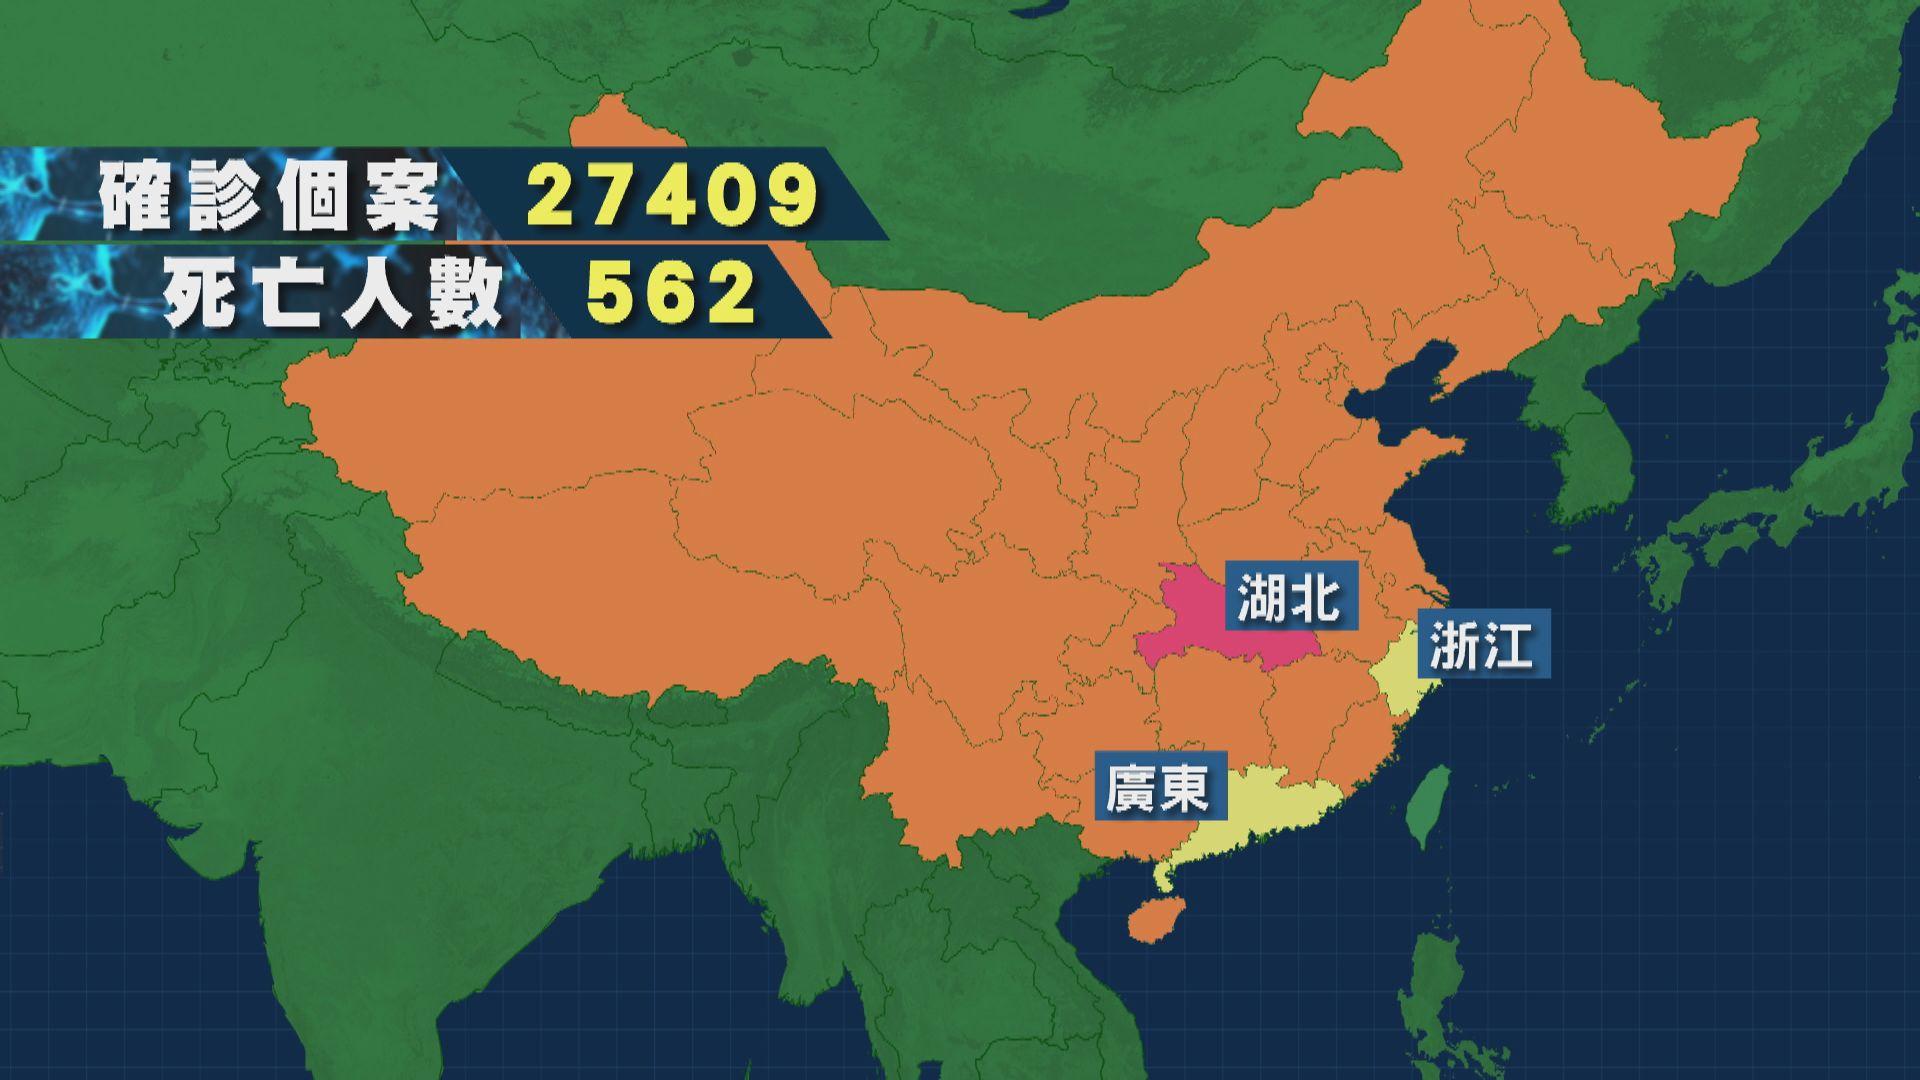 內地新型冠狀病毒肺炎 至今內地有27409人確診